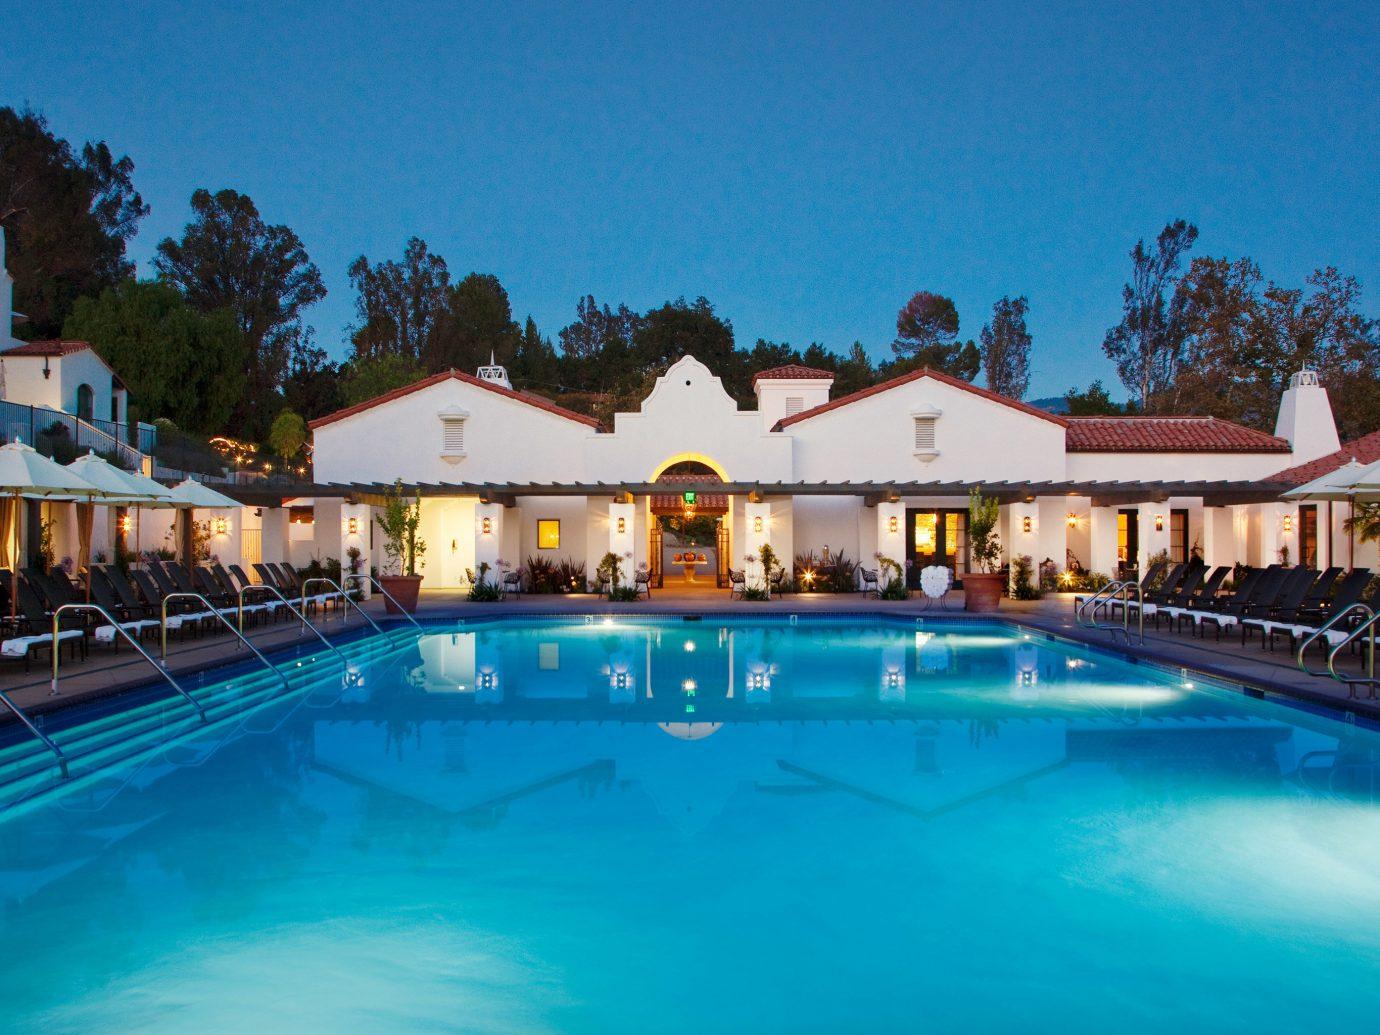 Pool at Ojai Valley Inn and Spa